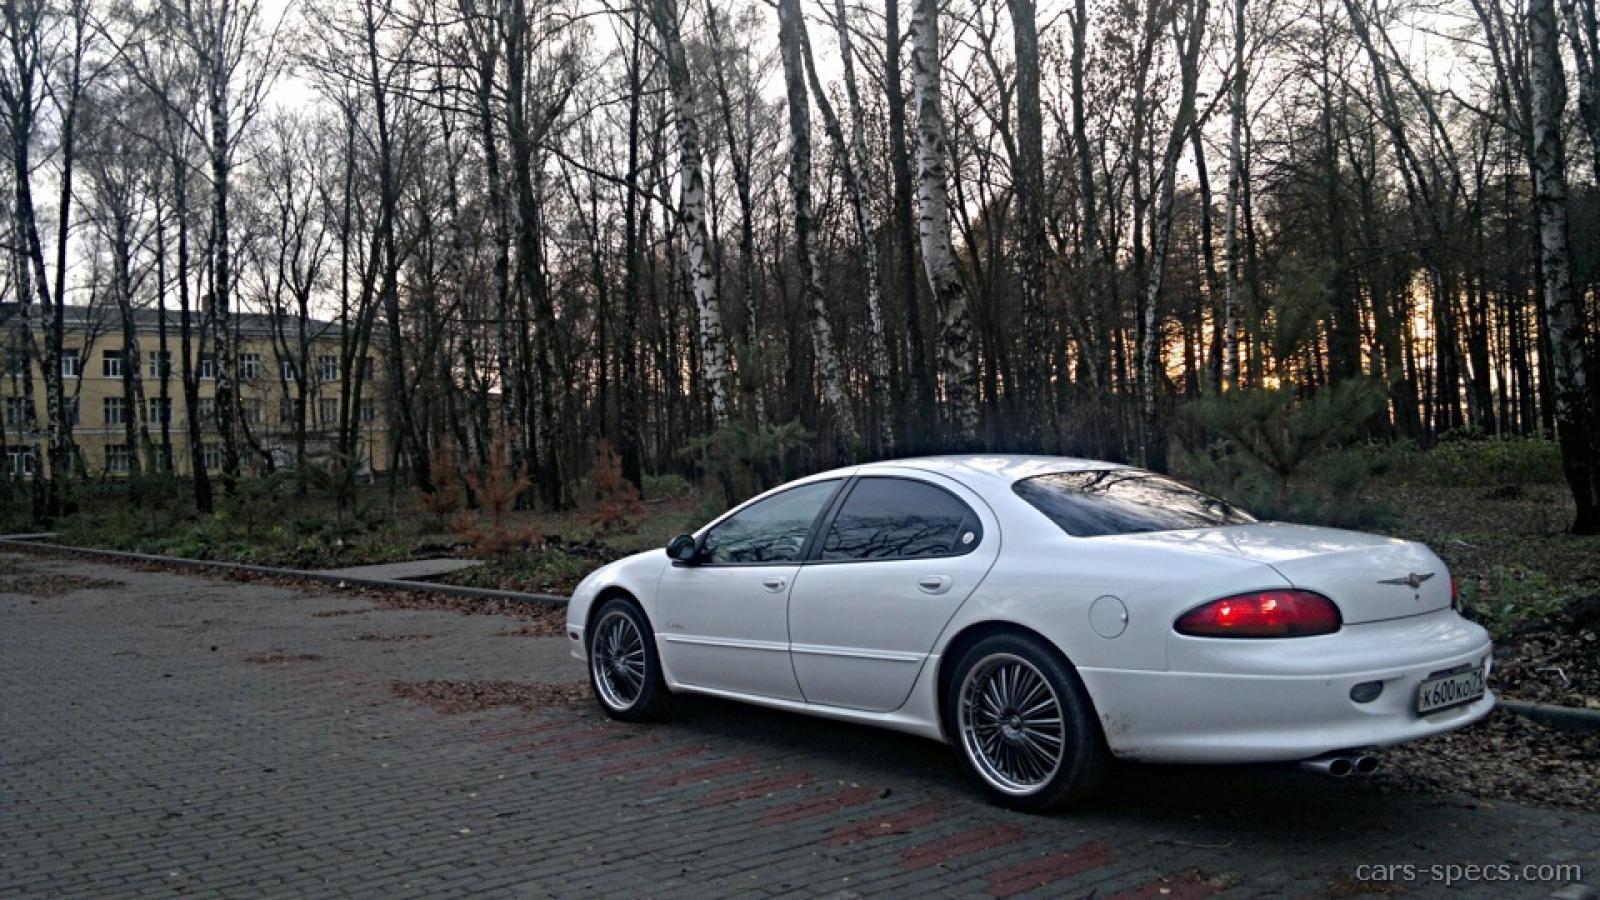 800 1024 1280 1600 origin 1999 Chrysler LHS ...